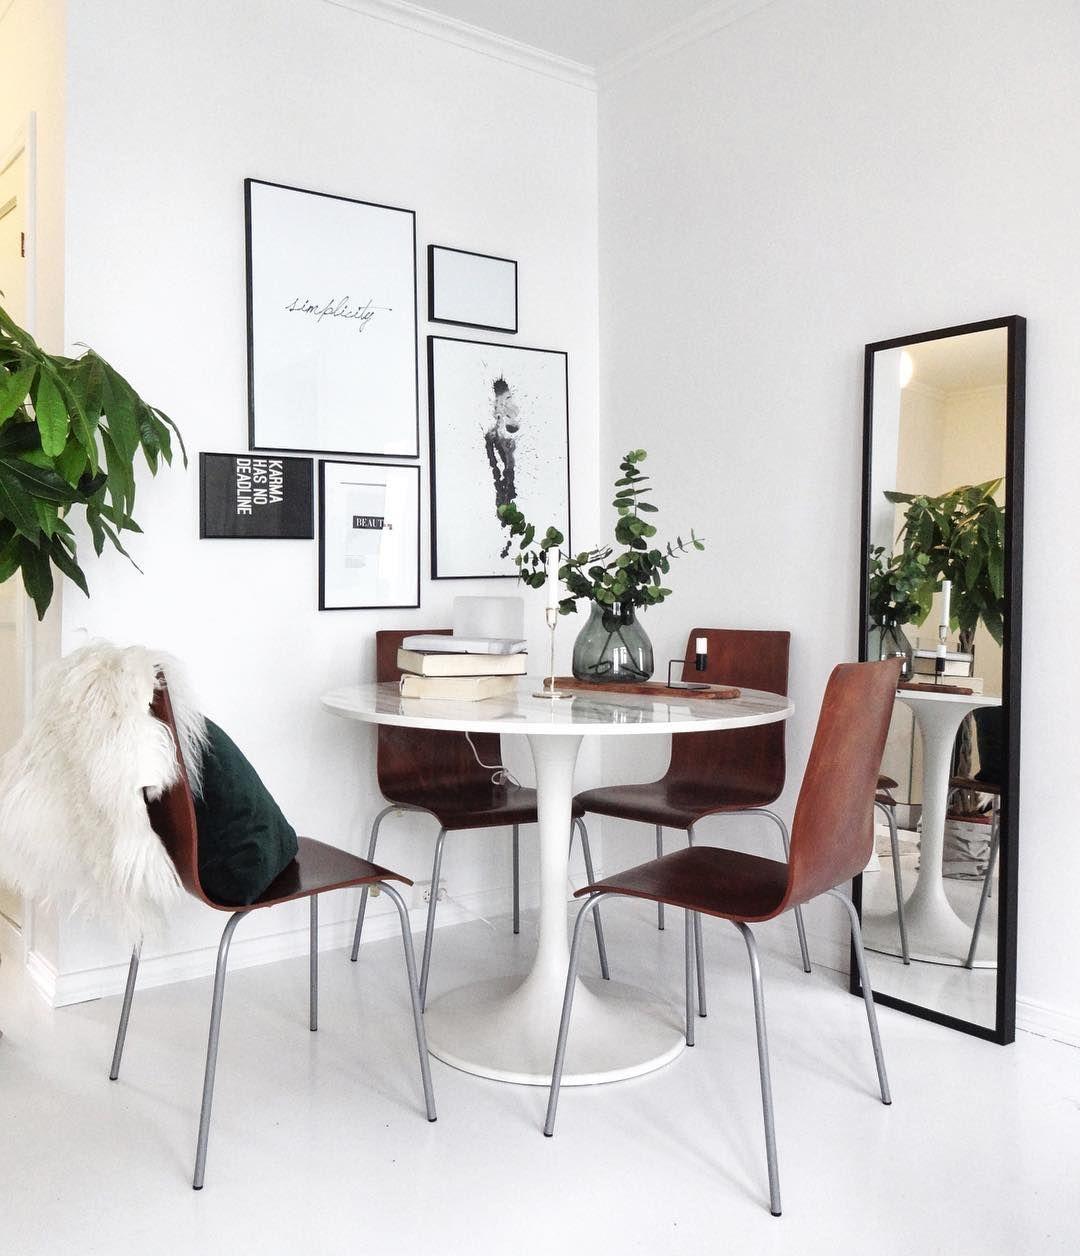 Ikea 'Docksta' tulipe table @cmillahaugen   Minimalist ...